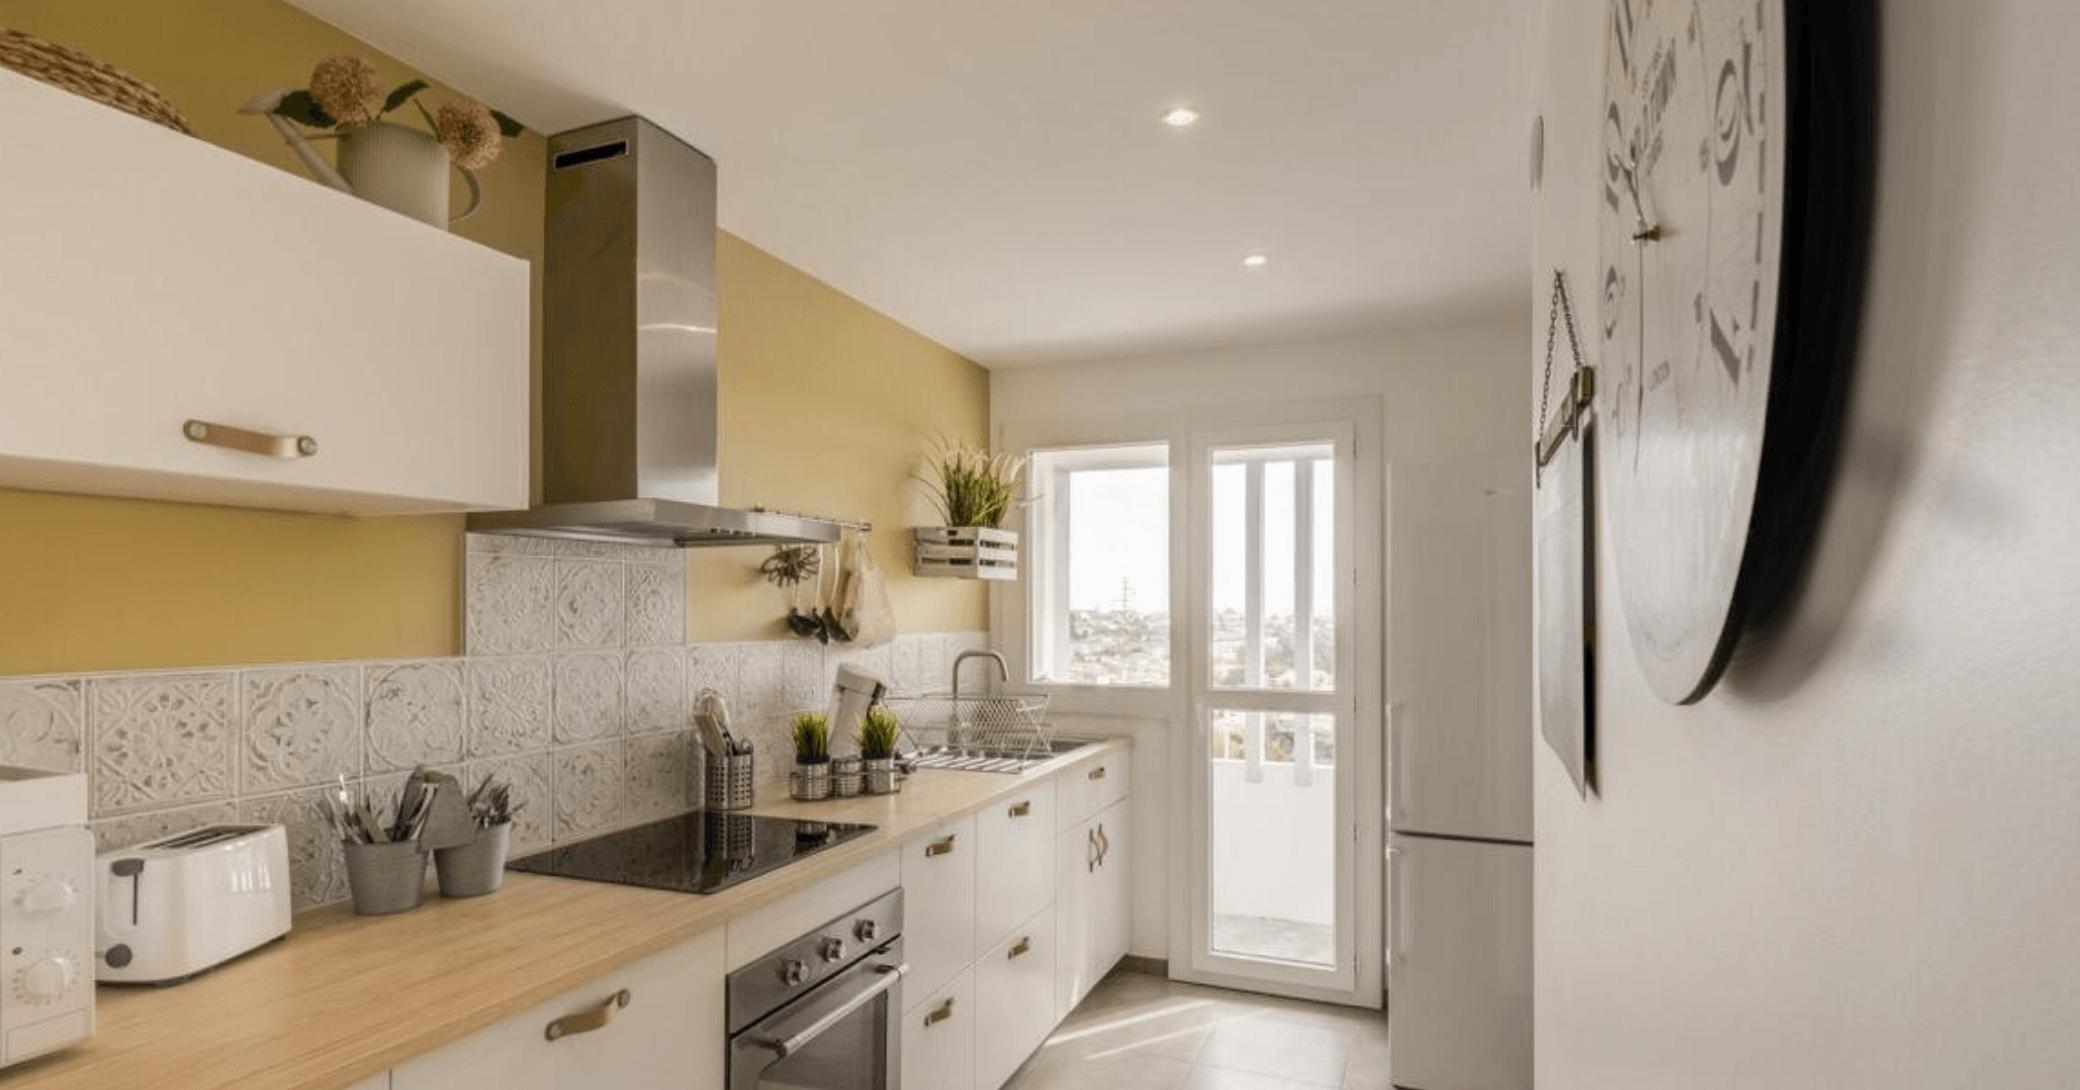 Appartement En Colocation À Nantes - 3 Chambres - Pierre intérieur Chambre Des Métiers Nantes